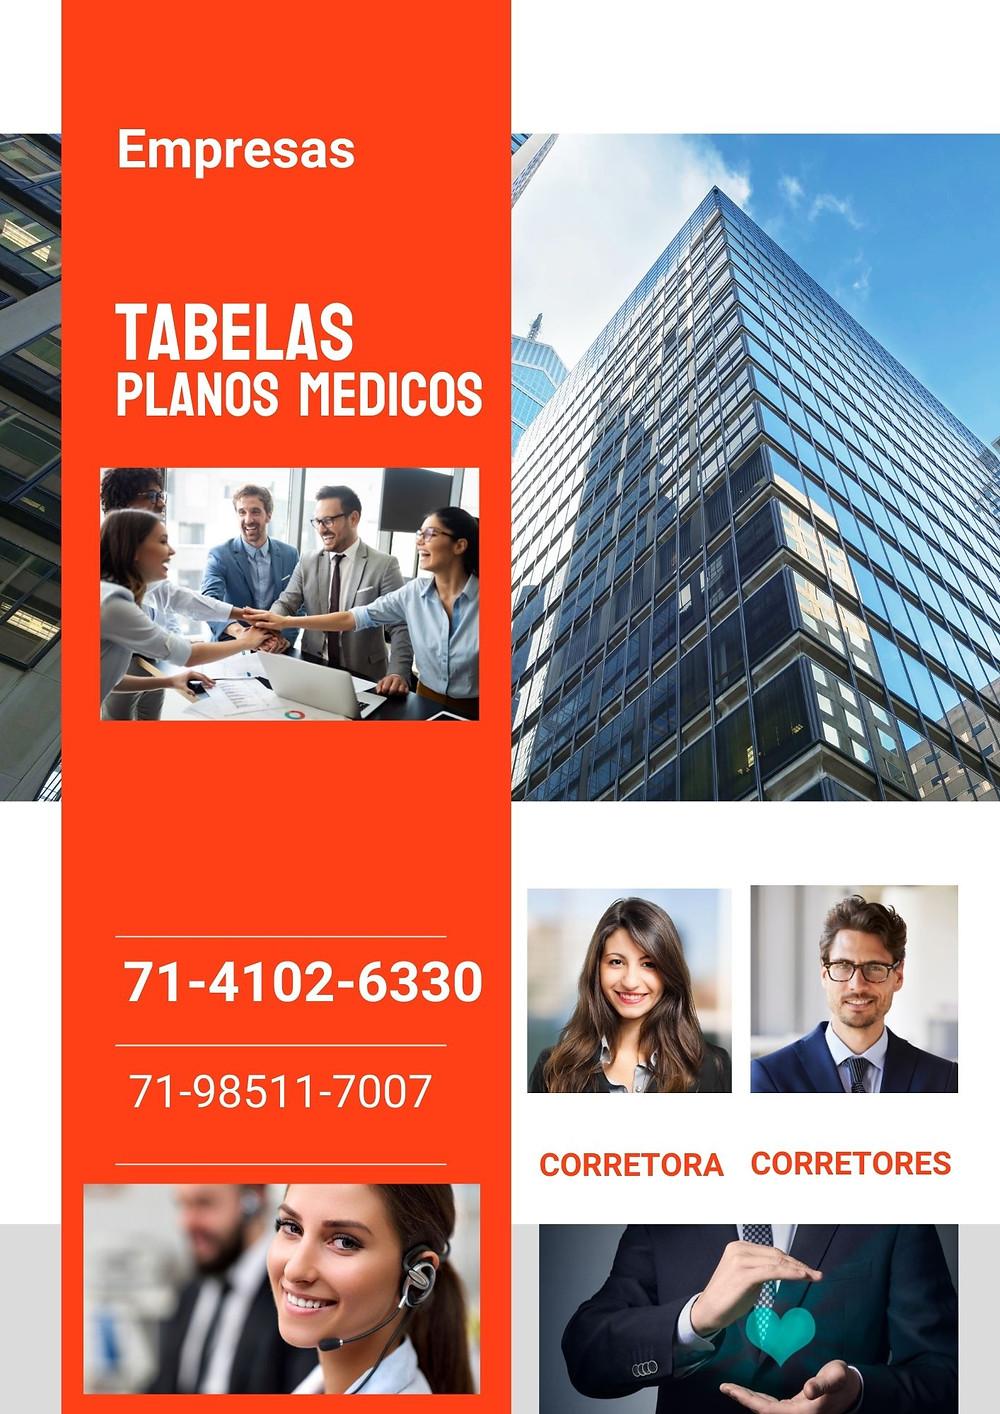 plano de saúde, corporativo, empresa, funcionário